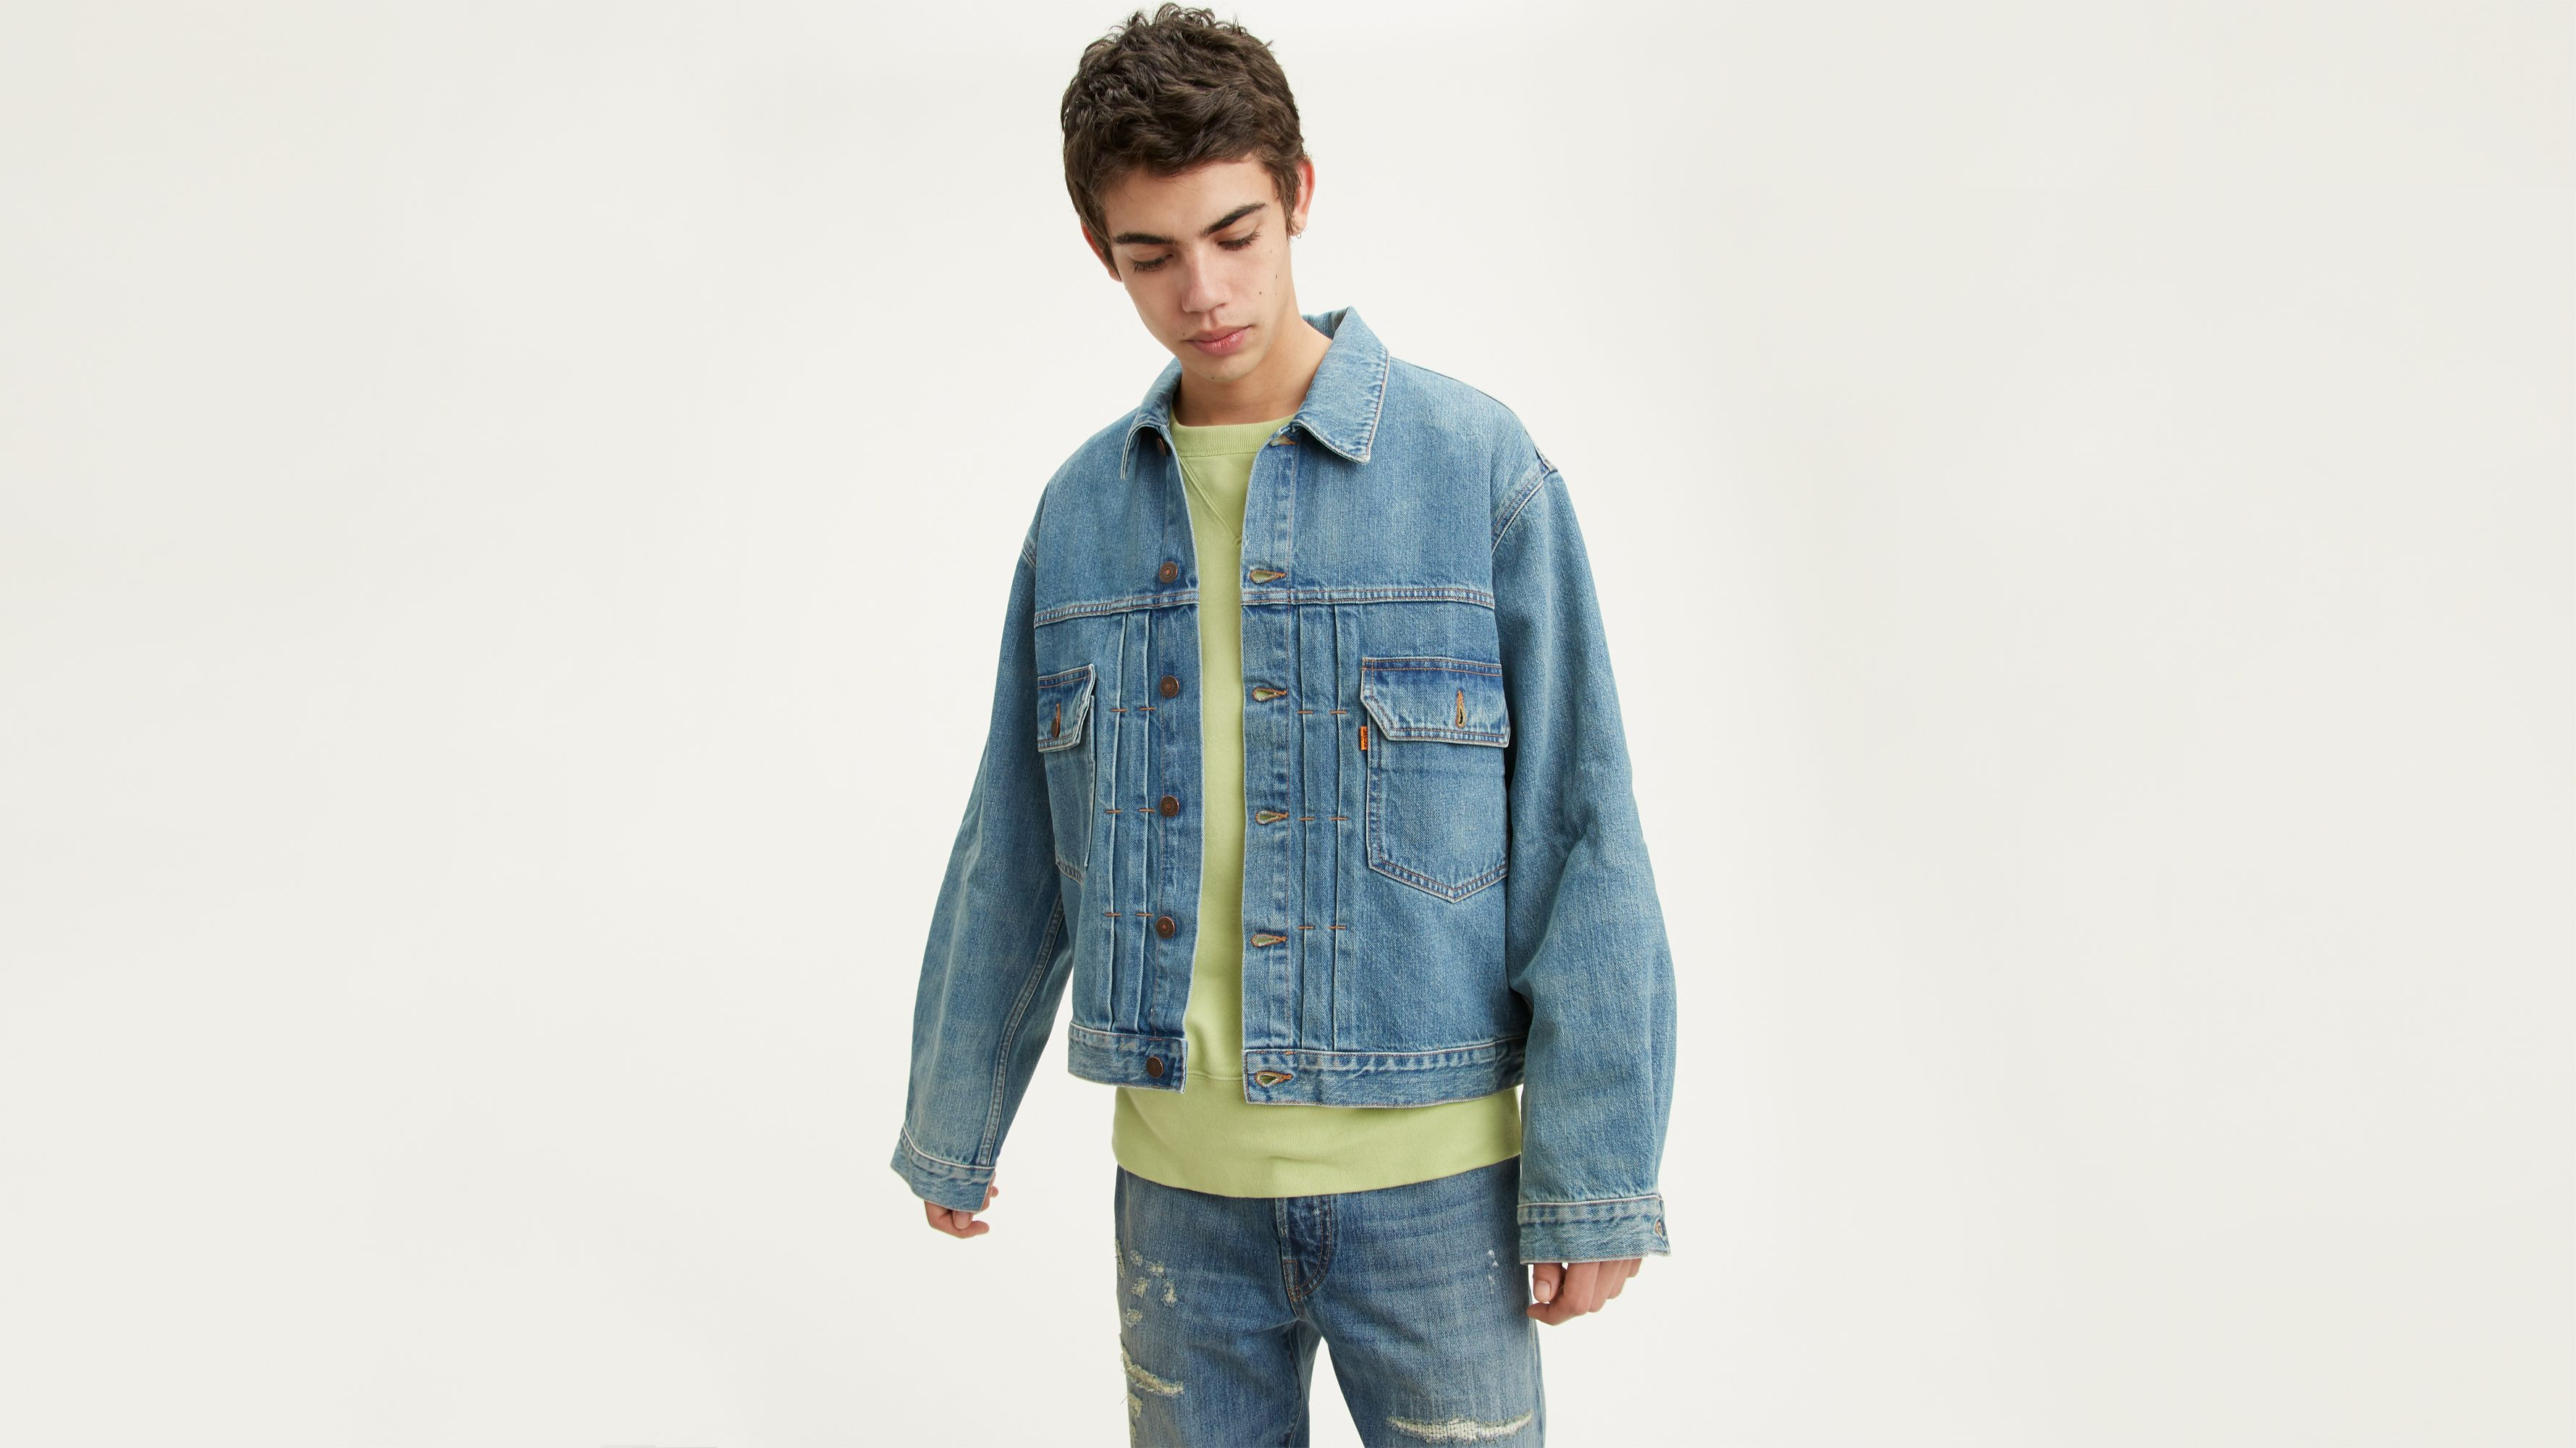 veste jean levis homme xxl,levi's vintage jean jackets